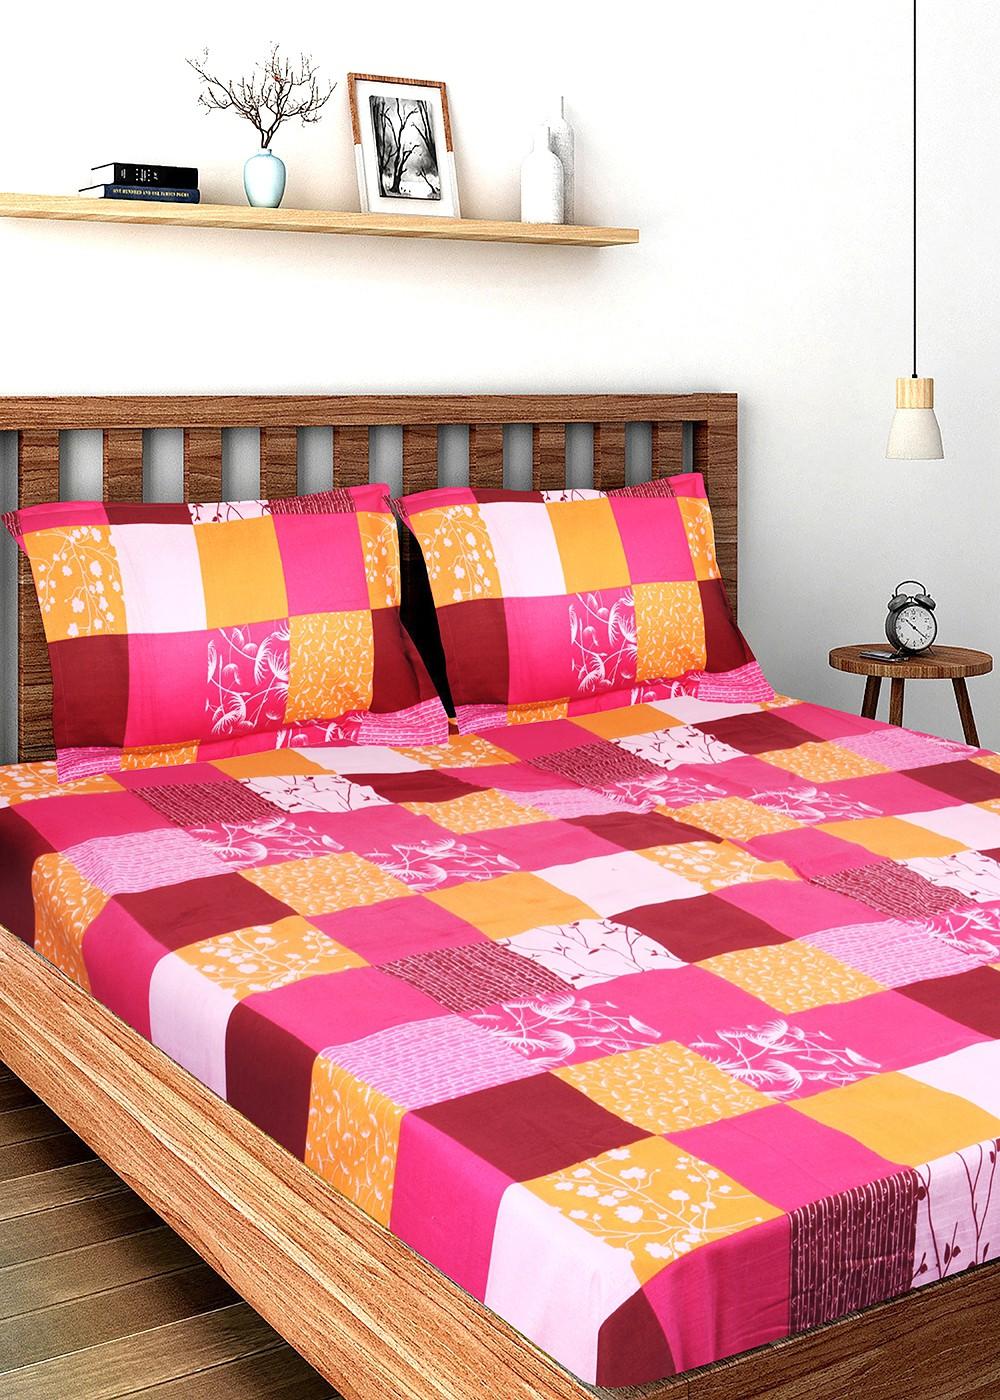 Flipkart - Cotton Double Bedsheets Premium Bedsheets